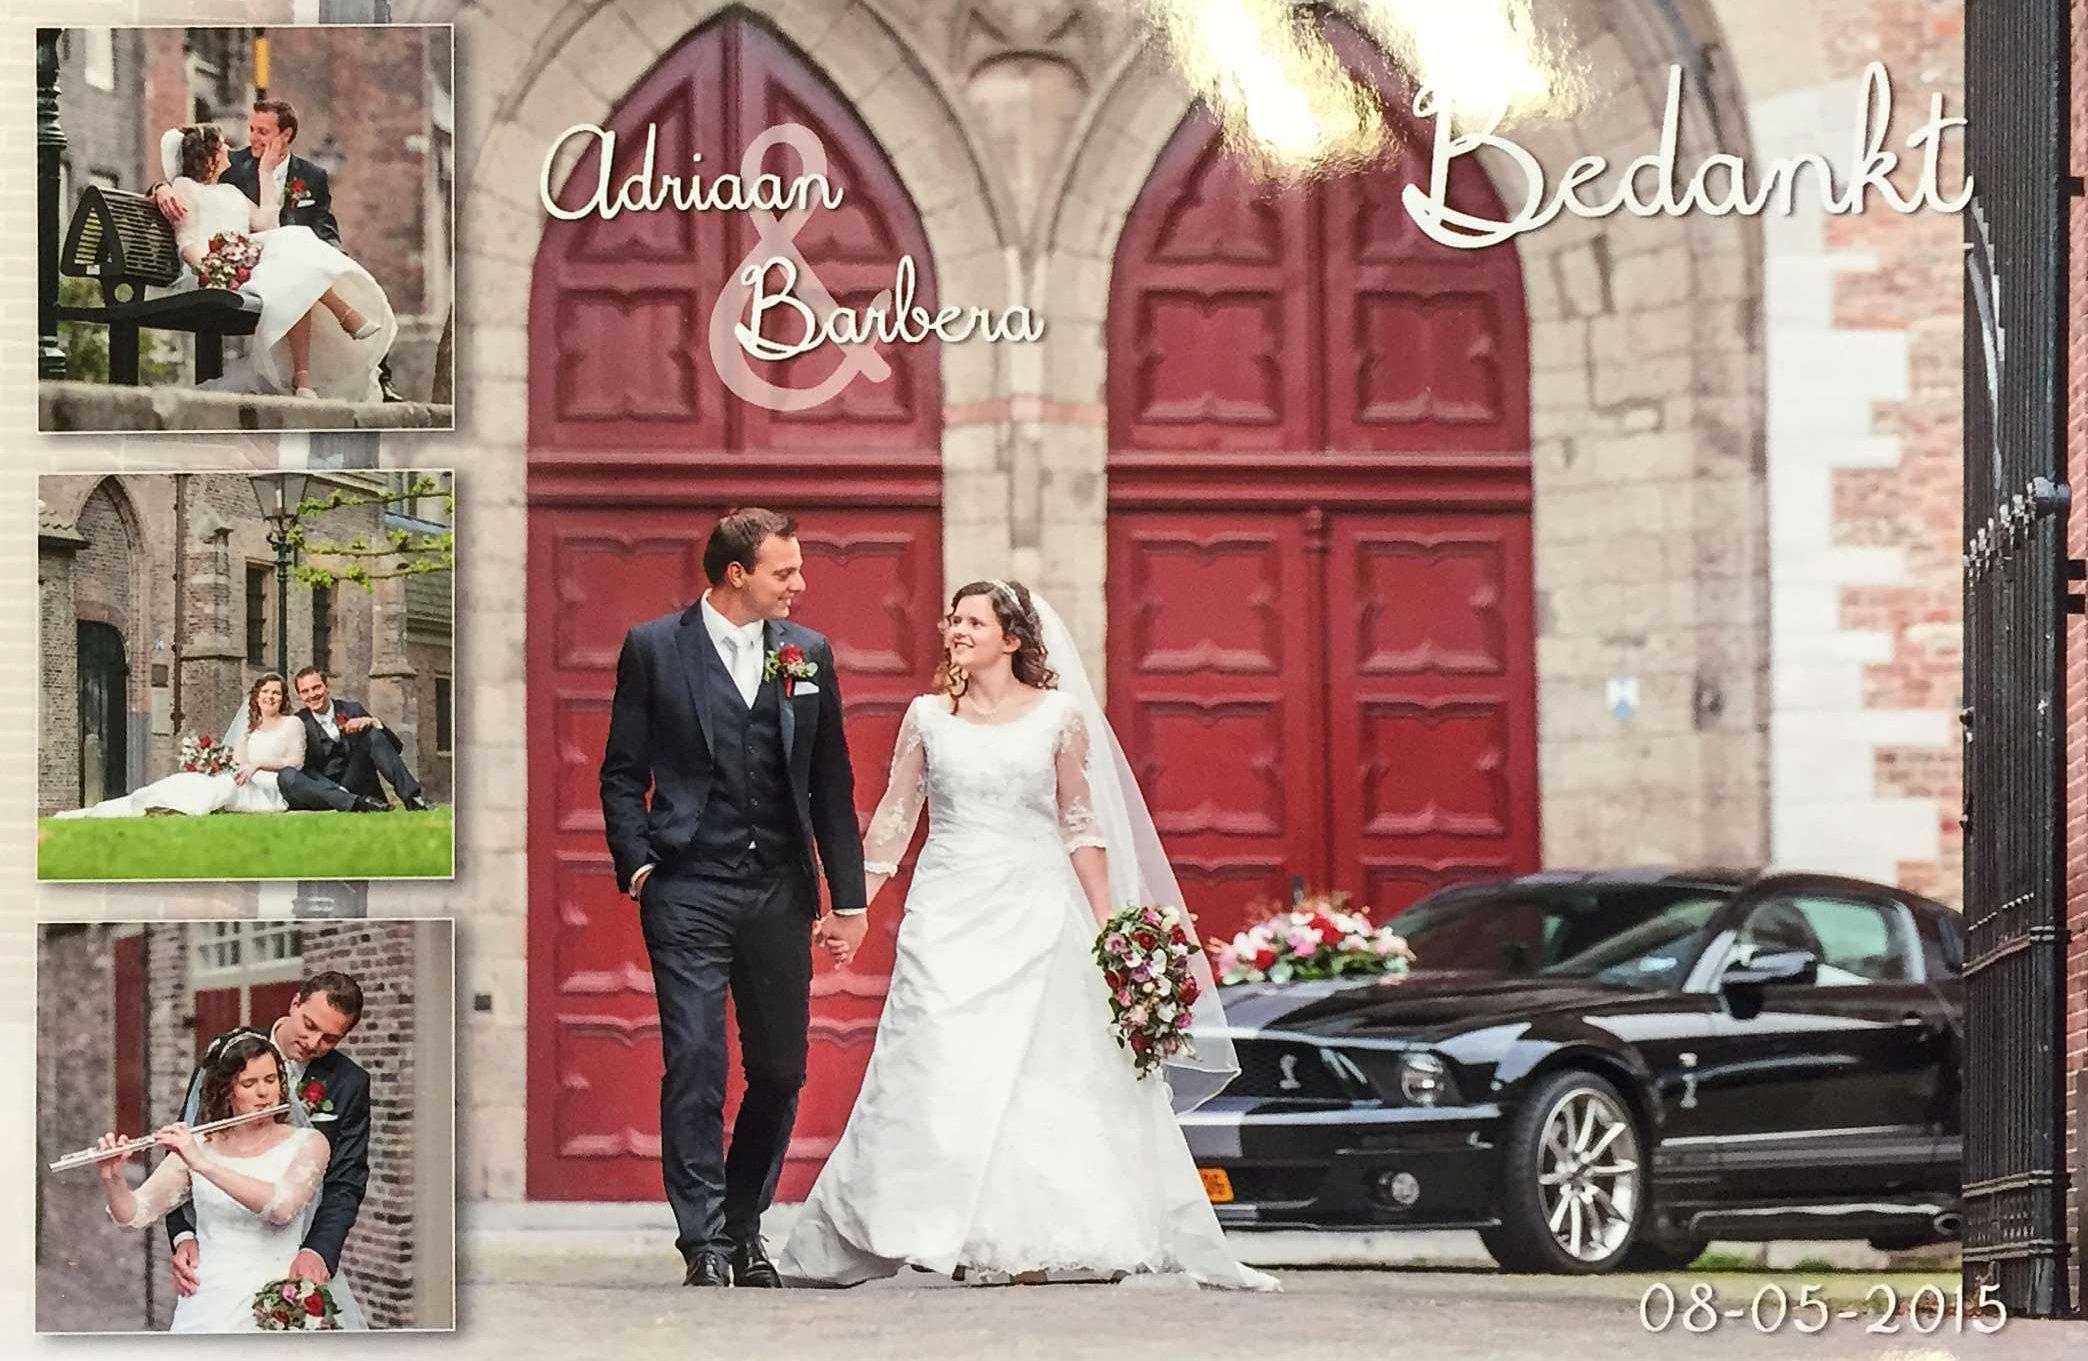 Bruidspaar Adriaan Stolk & Barbera de Groot (08-05-2015).jpg